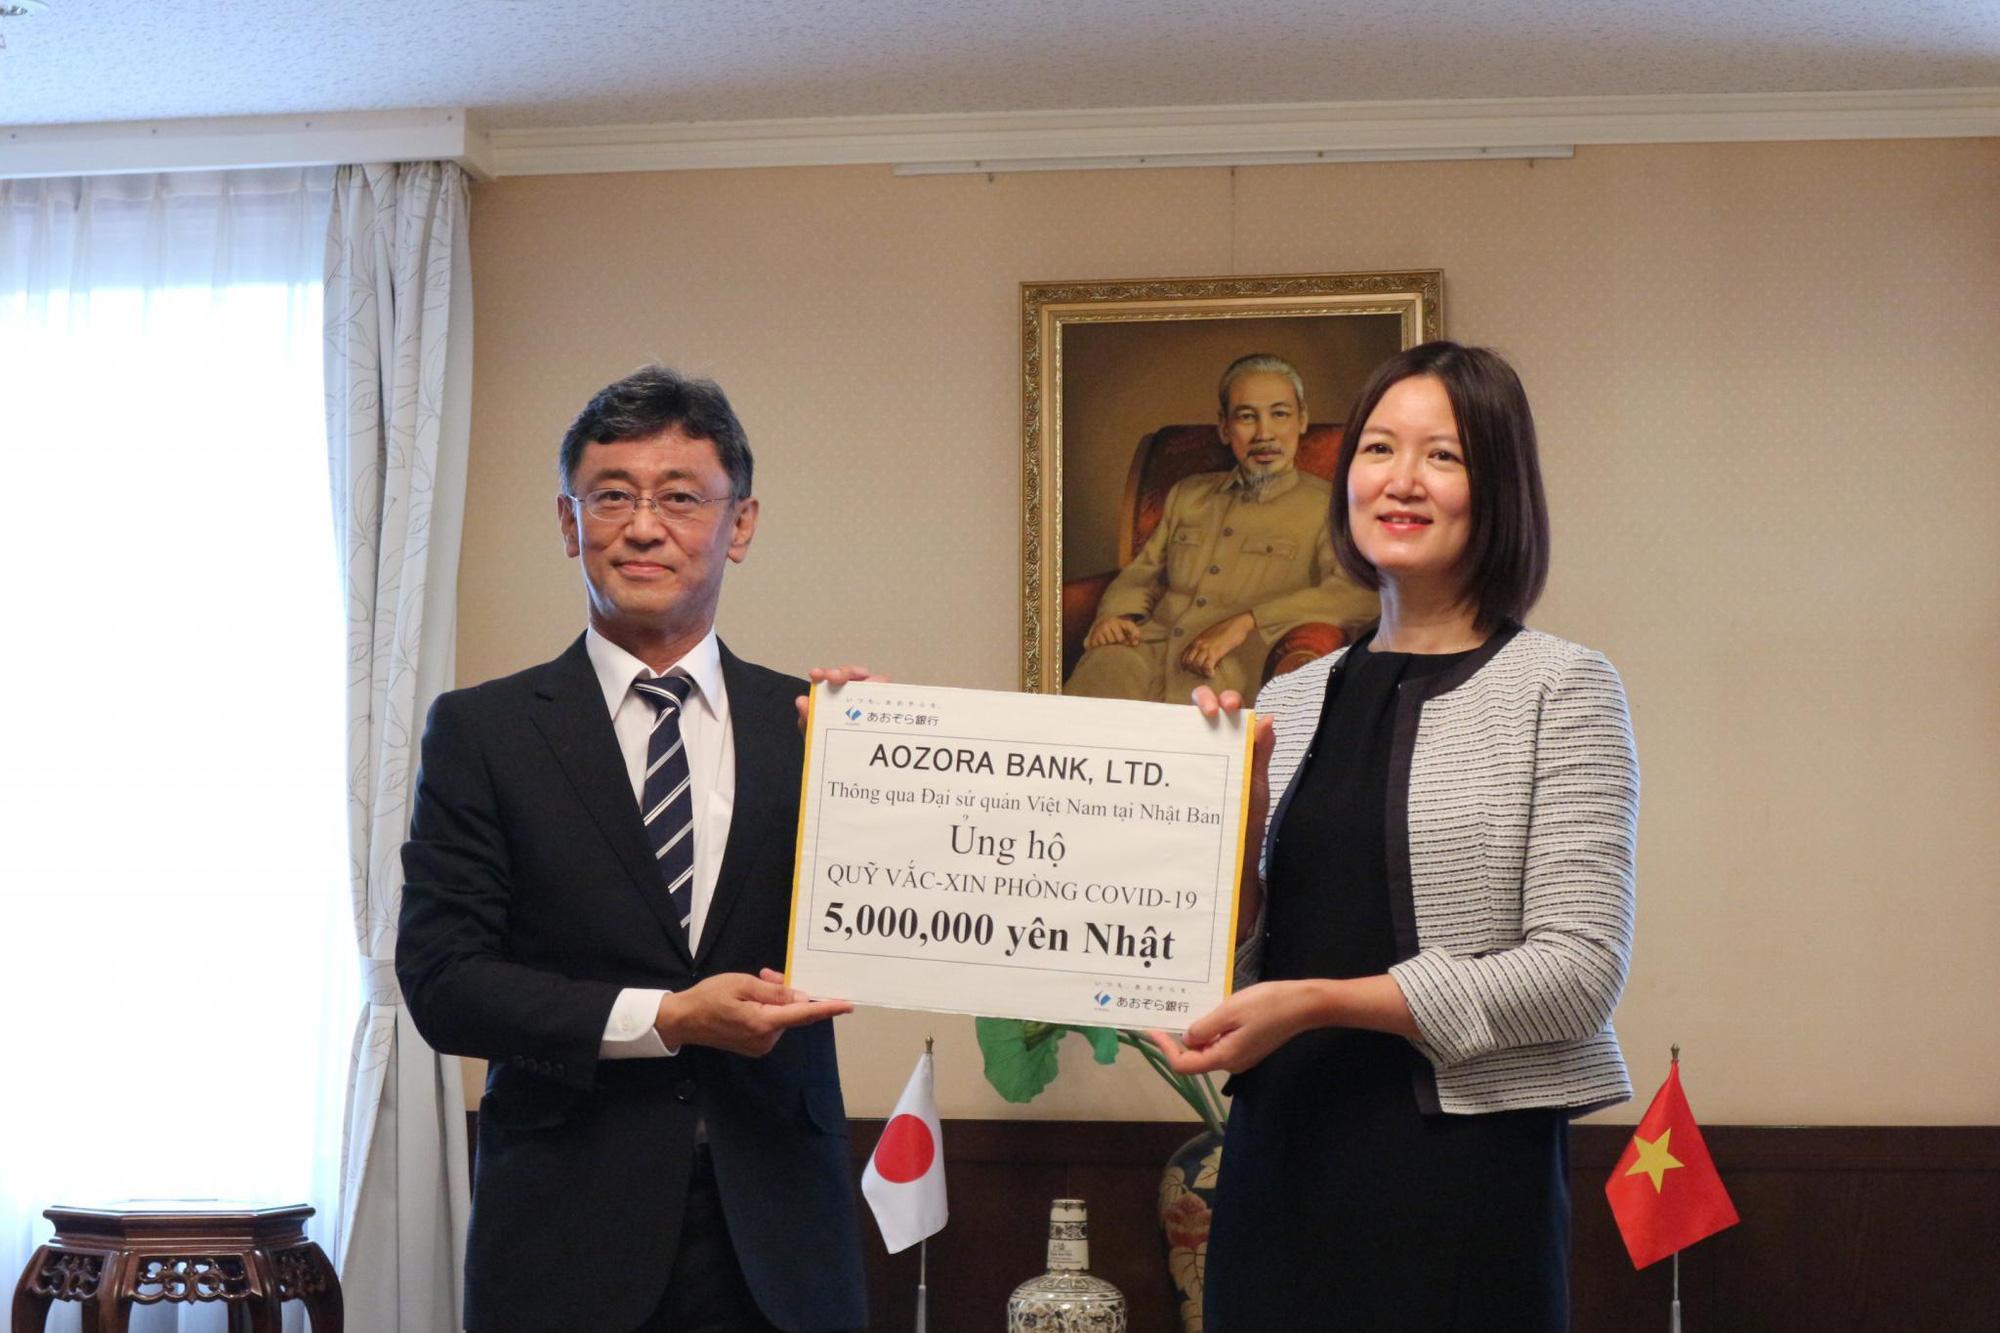 Ngân hàng Aozora Nhật bản ủng hộ Quỹ vaccine phòng Covid-19 của Việt Nam - Ảnh 1.